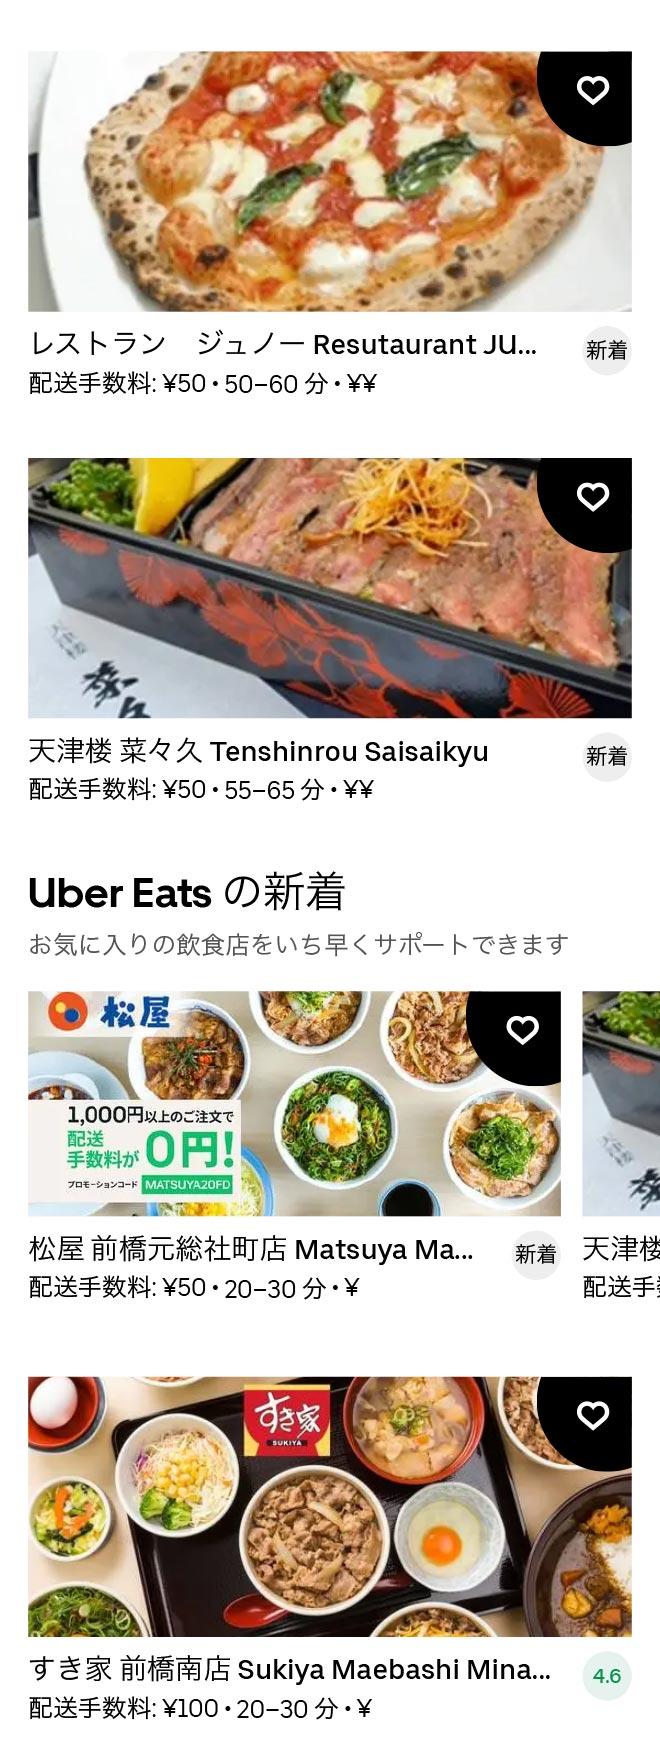 Shin maebashi menu 2012 02